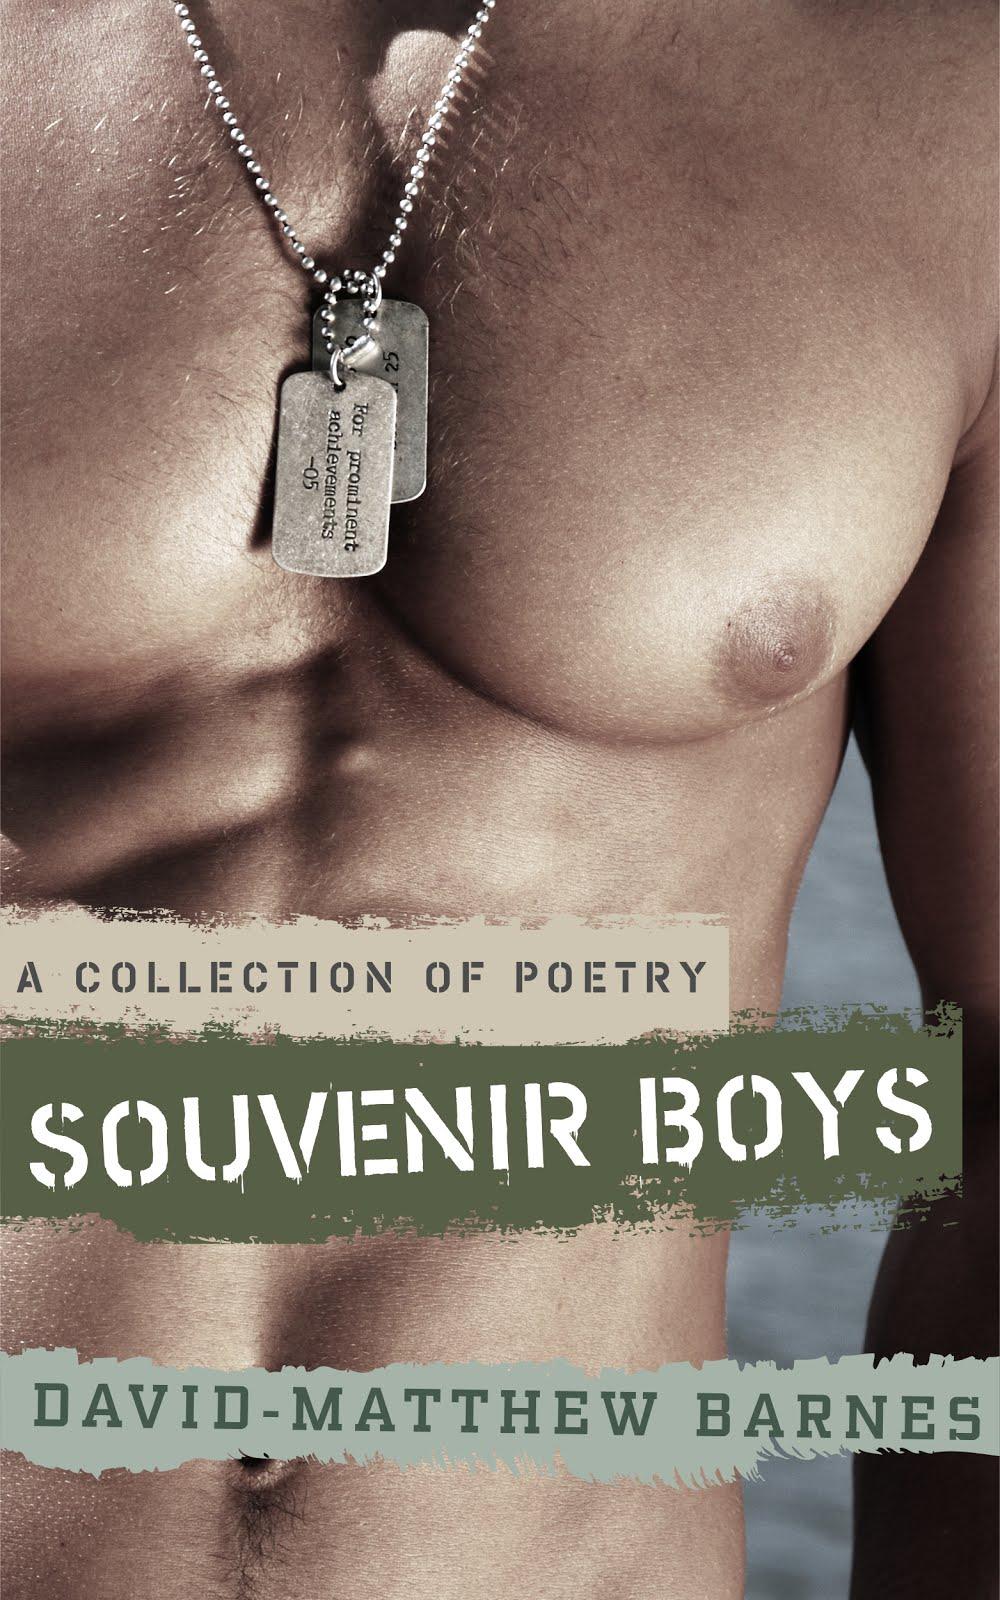 SOUVENIR BOYS